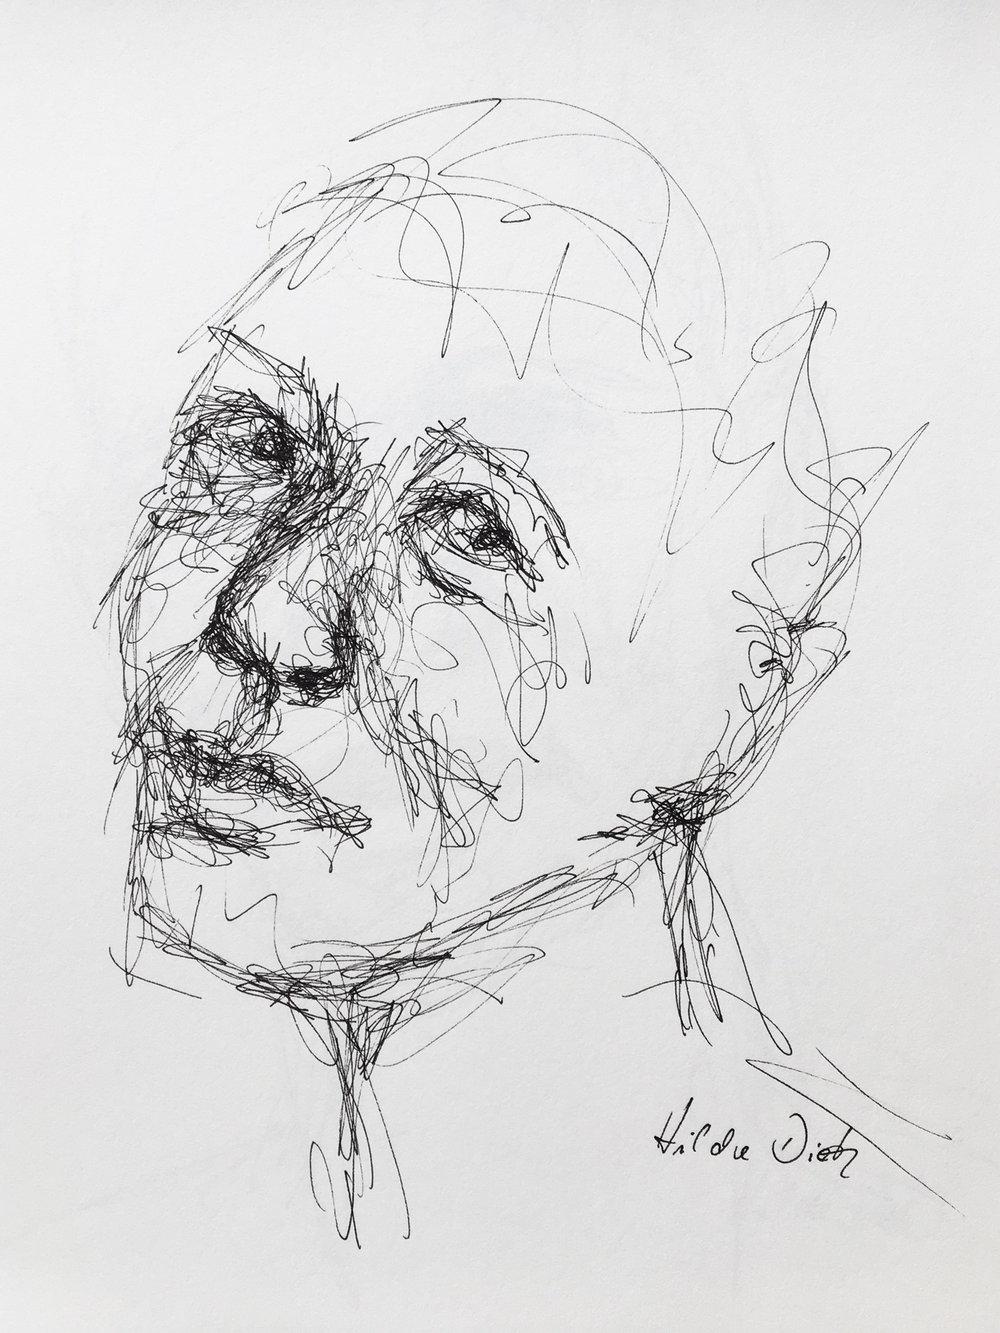 Hilde_Dietz_Menschenbilder_Zeichnung_Skizzen_2_07.jpg